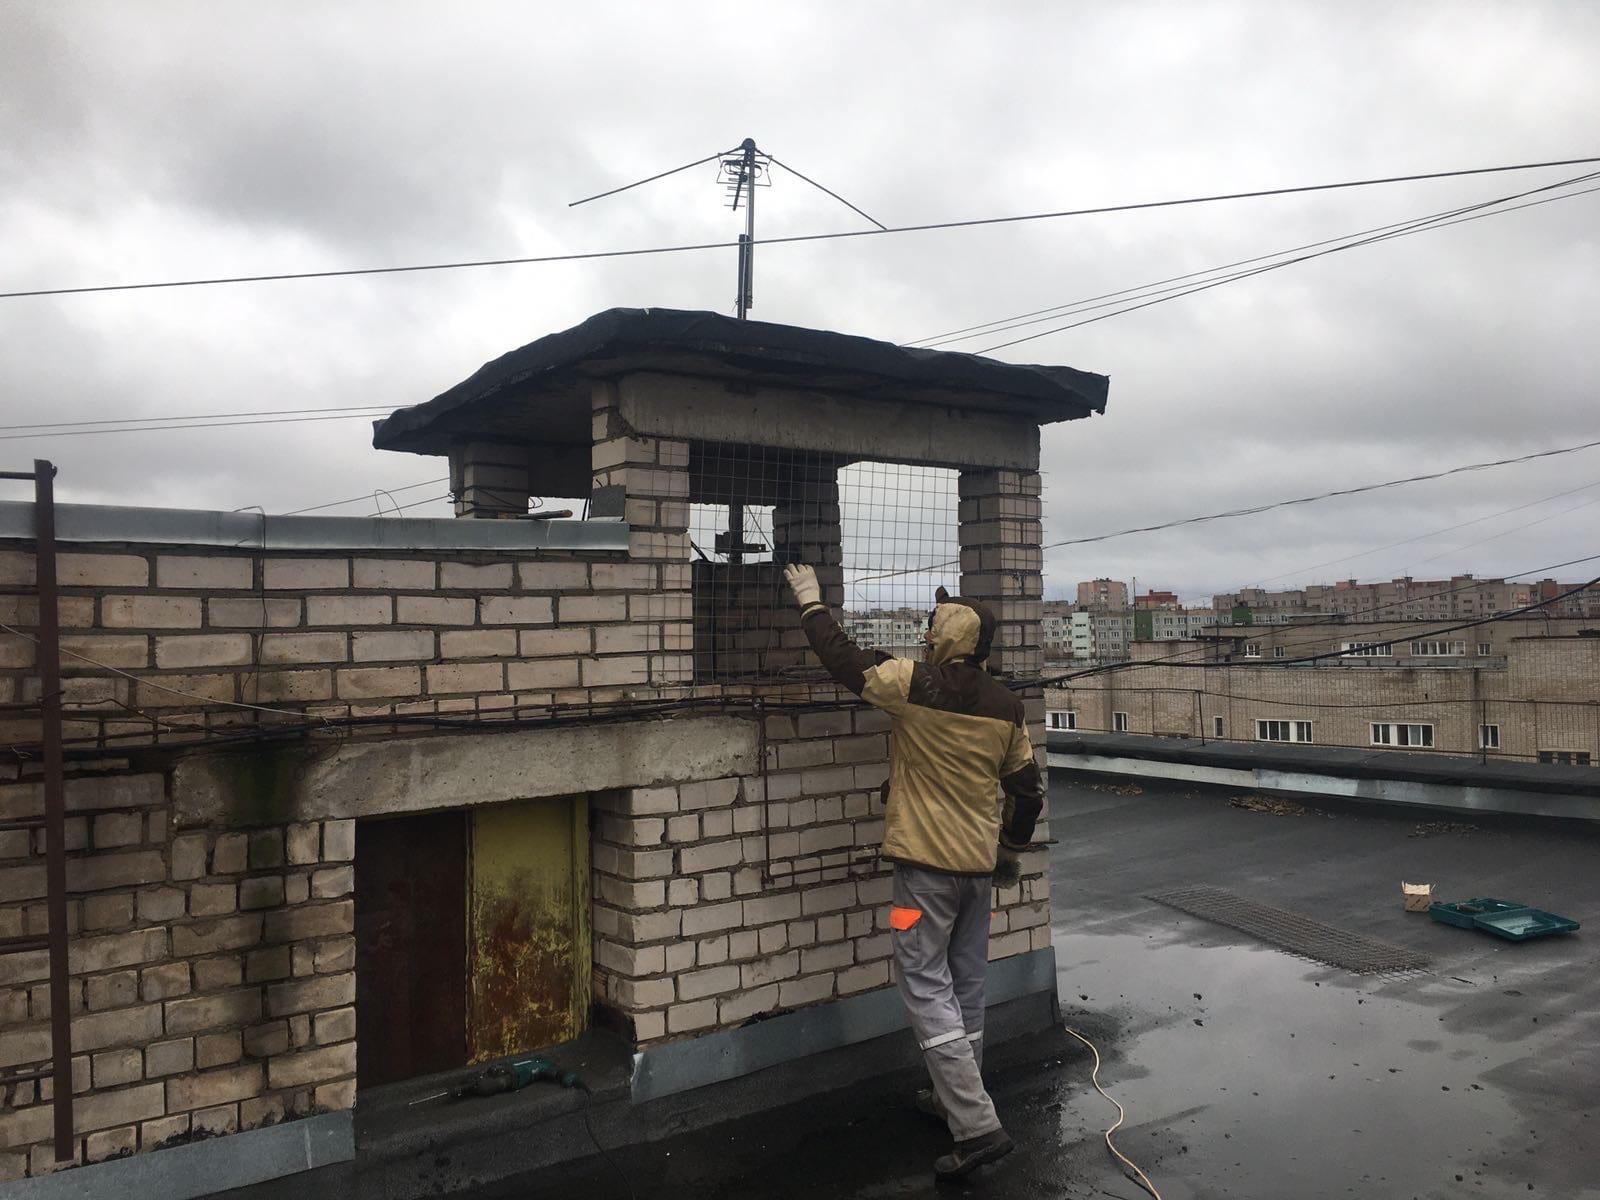 Упита 8 закрыли вентиляционные шахты кладочной сеткой